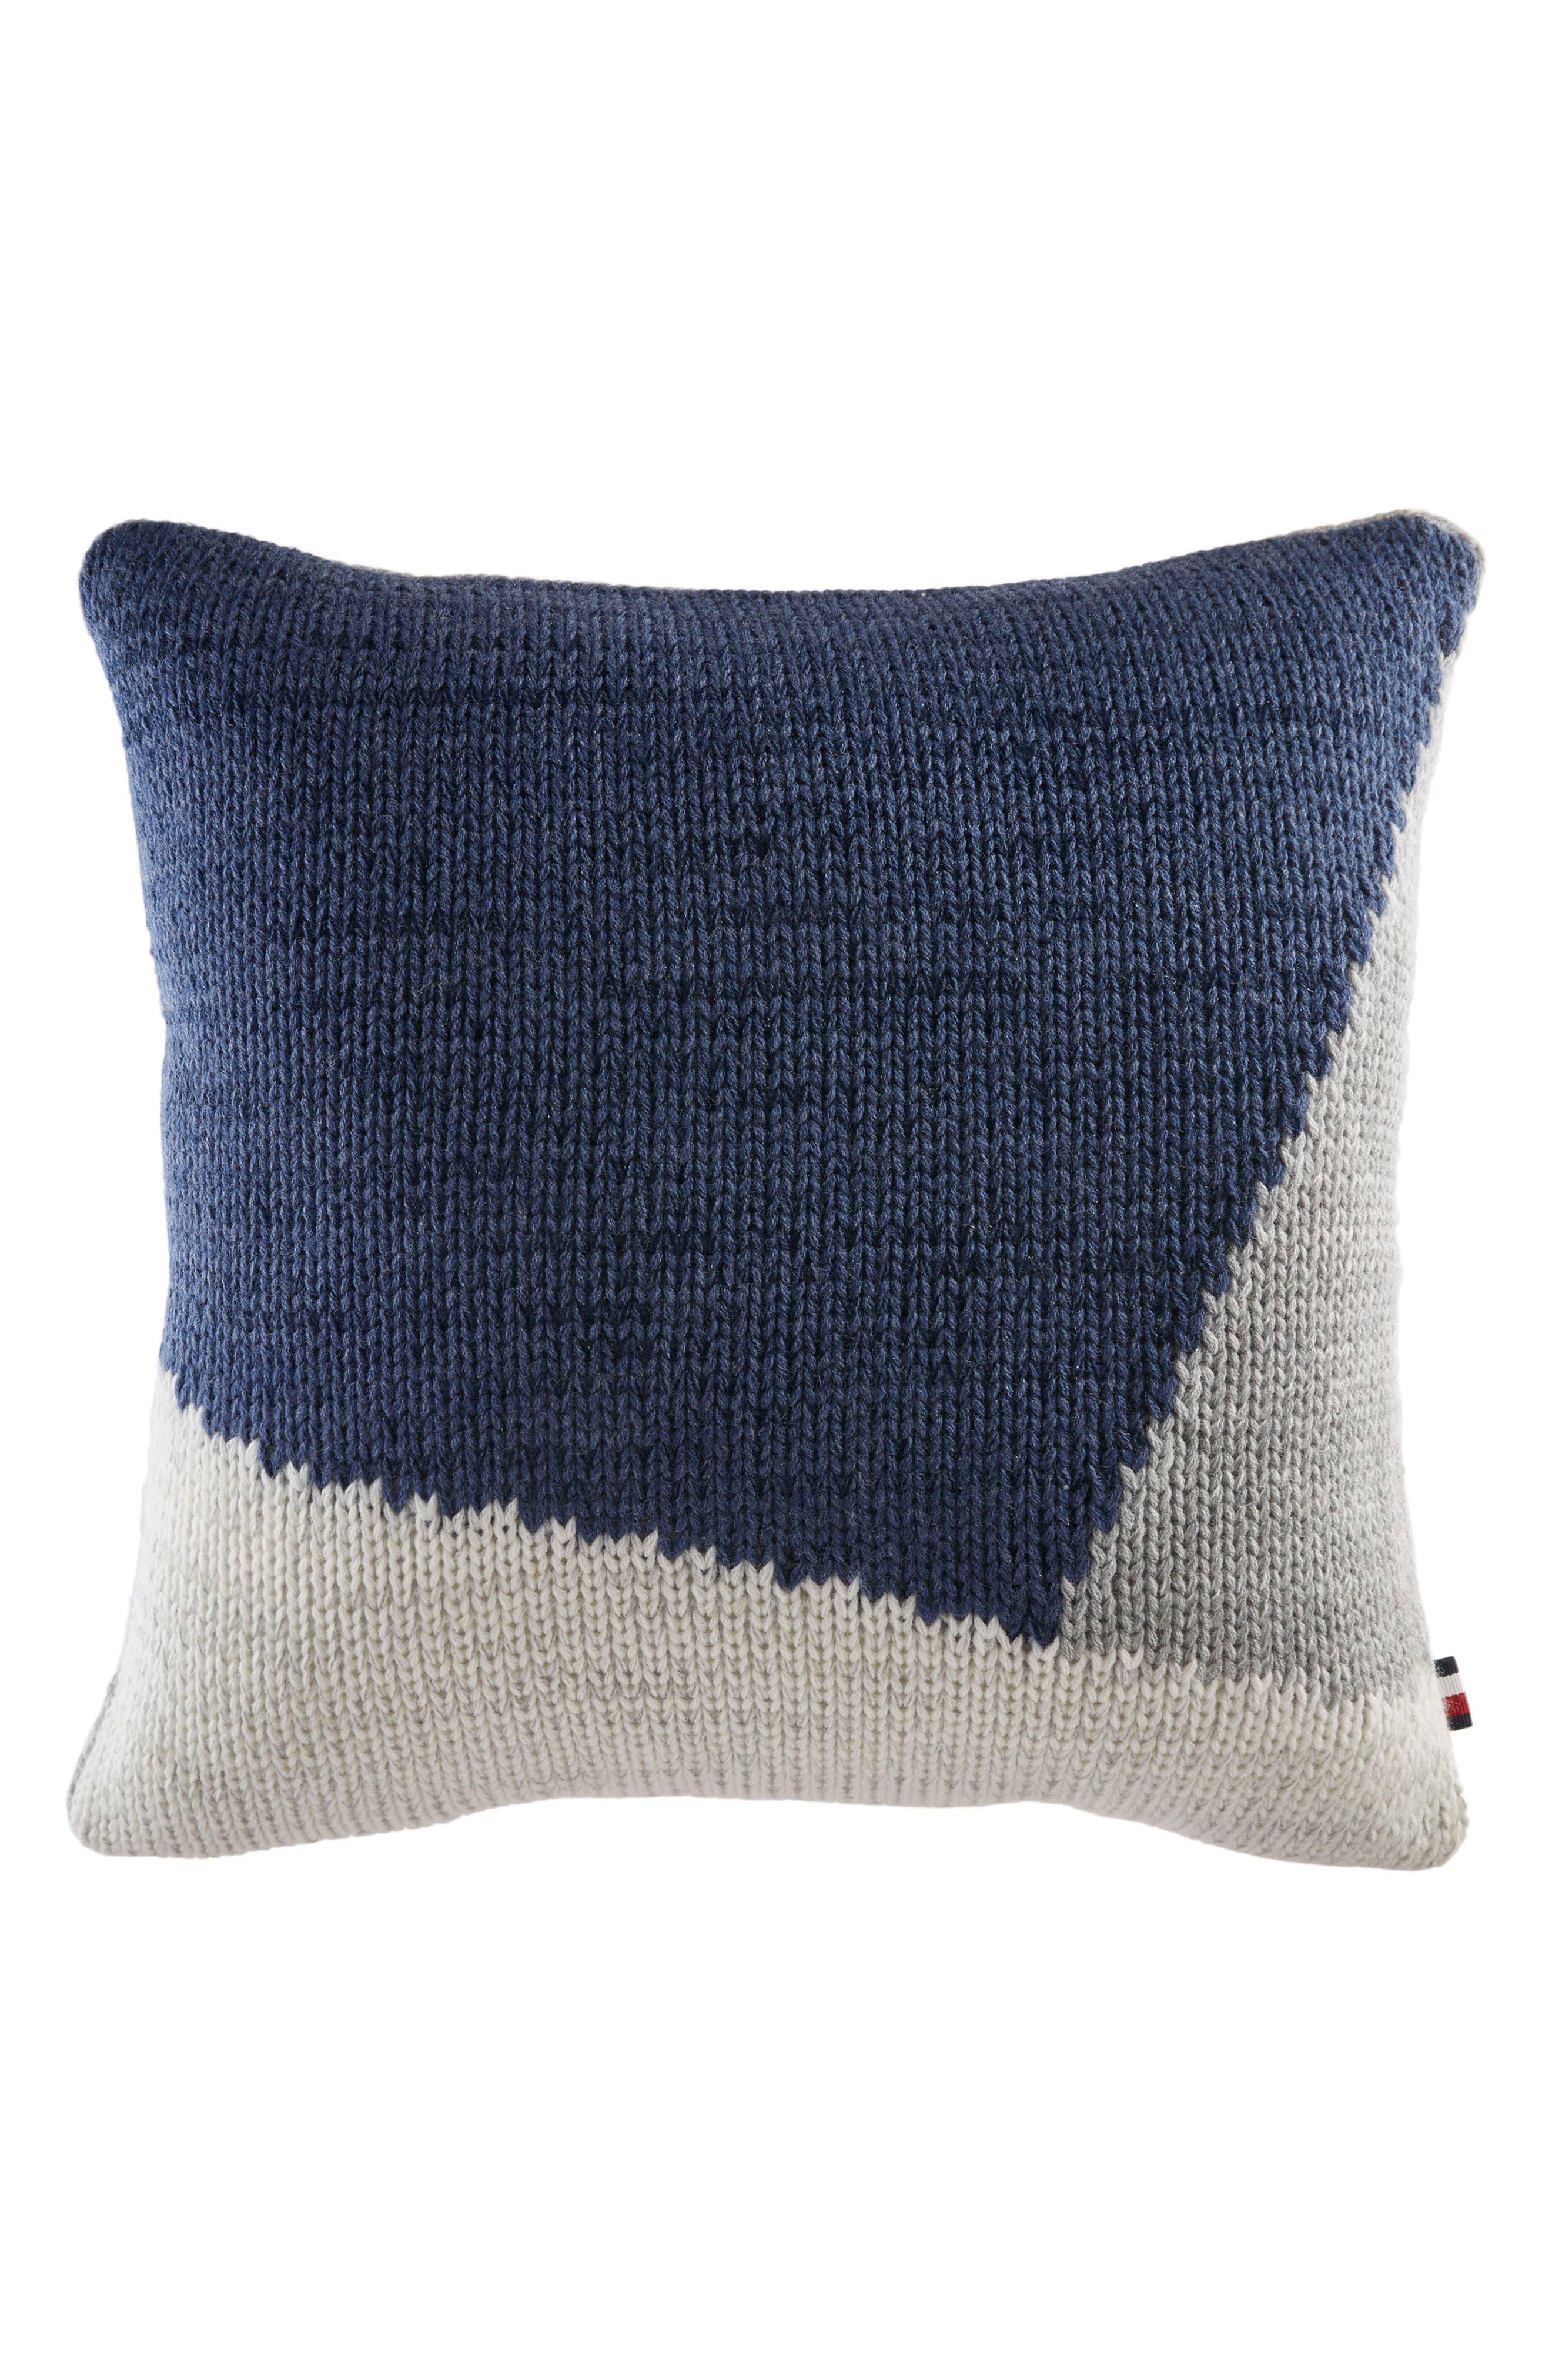 Colorblock Knit Accent Pillow,                         Main,                         color,